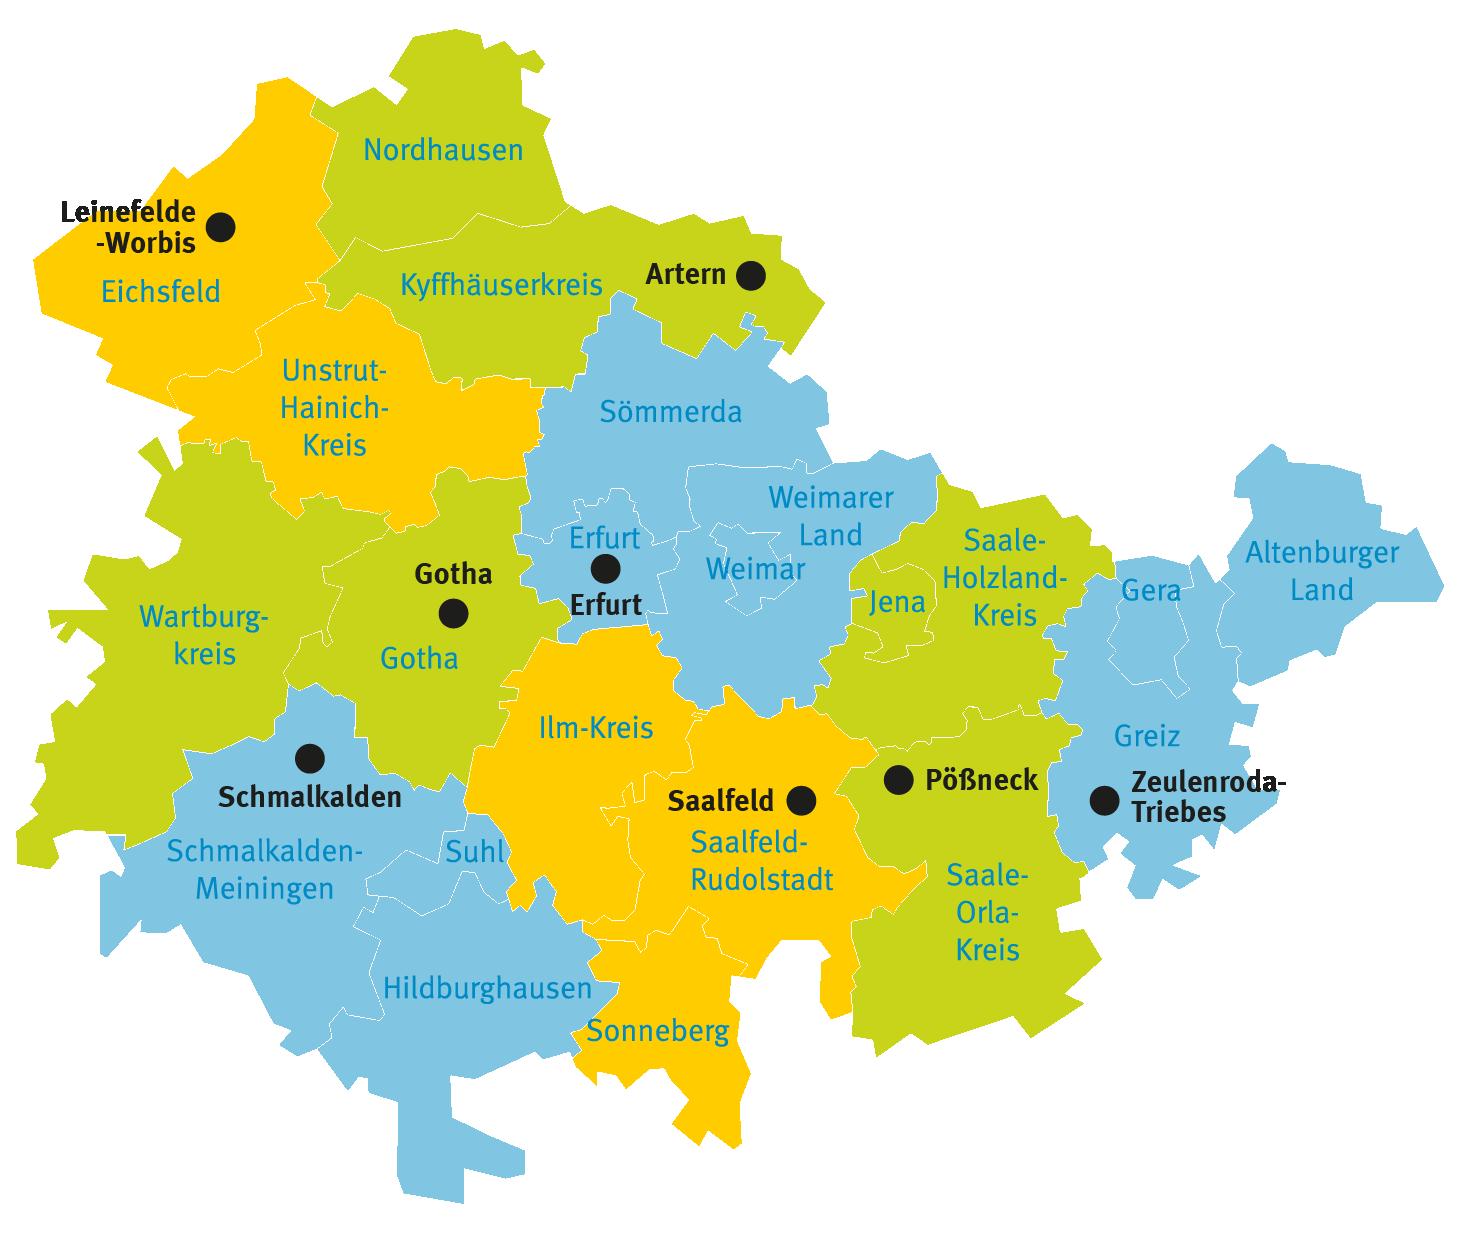 Karte der acht Katasterbereiche des TLBG und ihrer Zuständigkeitsbereiche